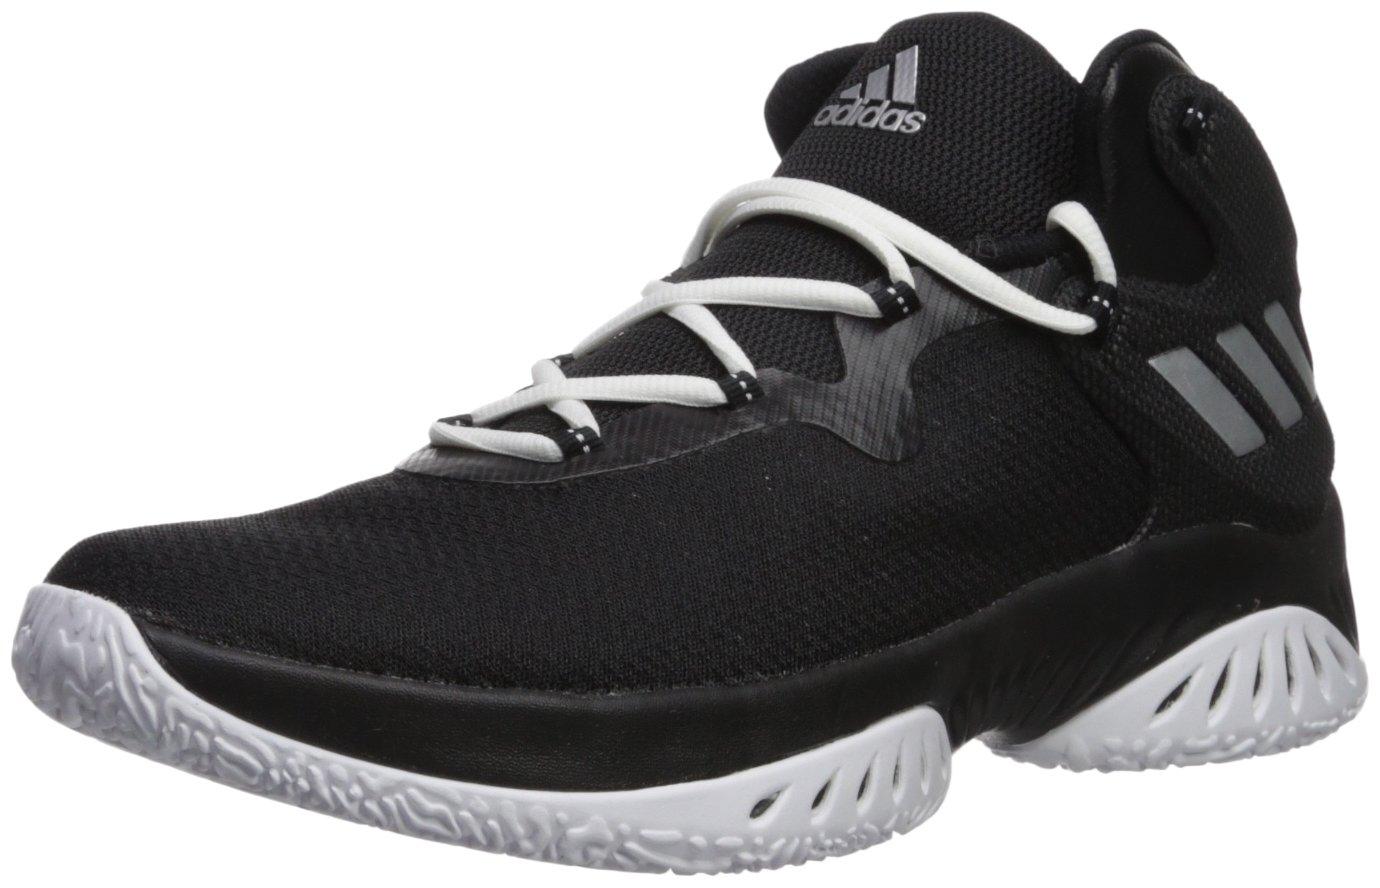 Adidas hombre 's Explosive Bounce zapatilla de corriendo b01mu2vve4 13 m usblack